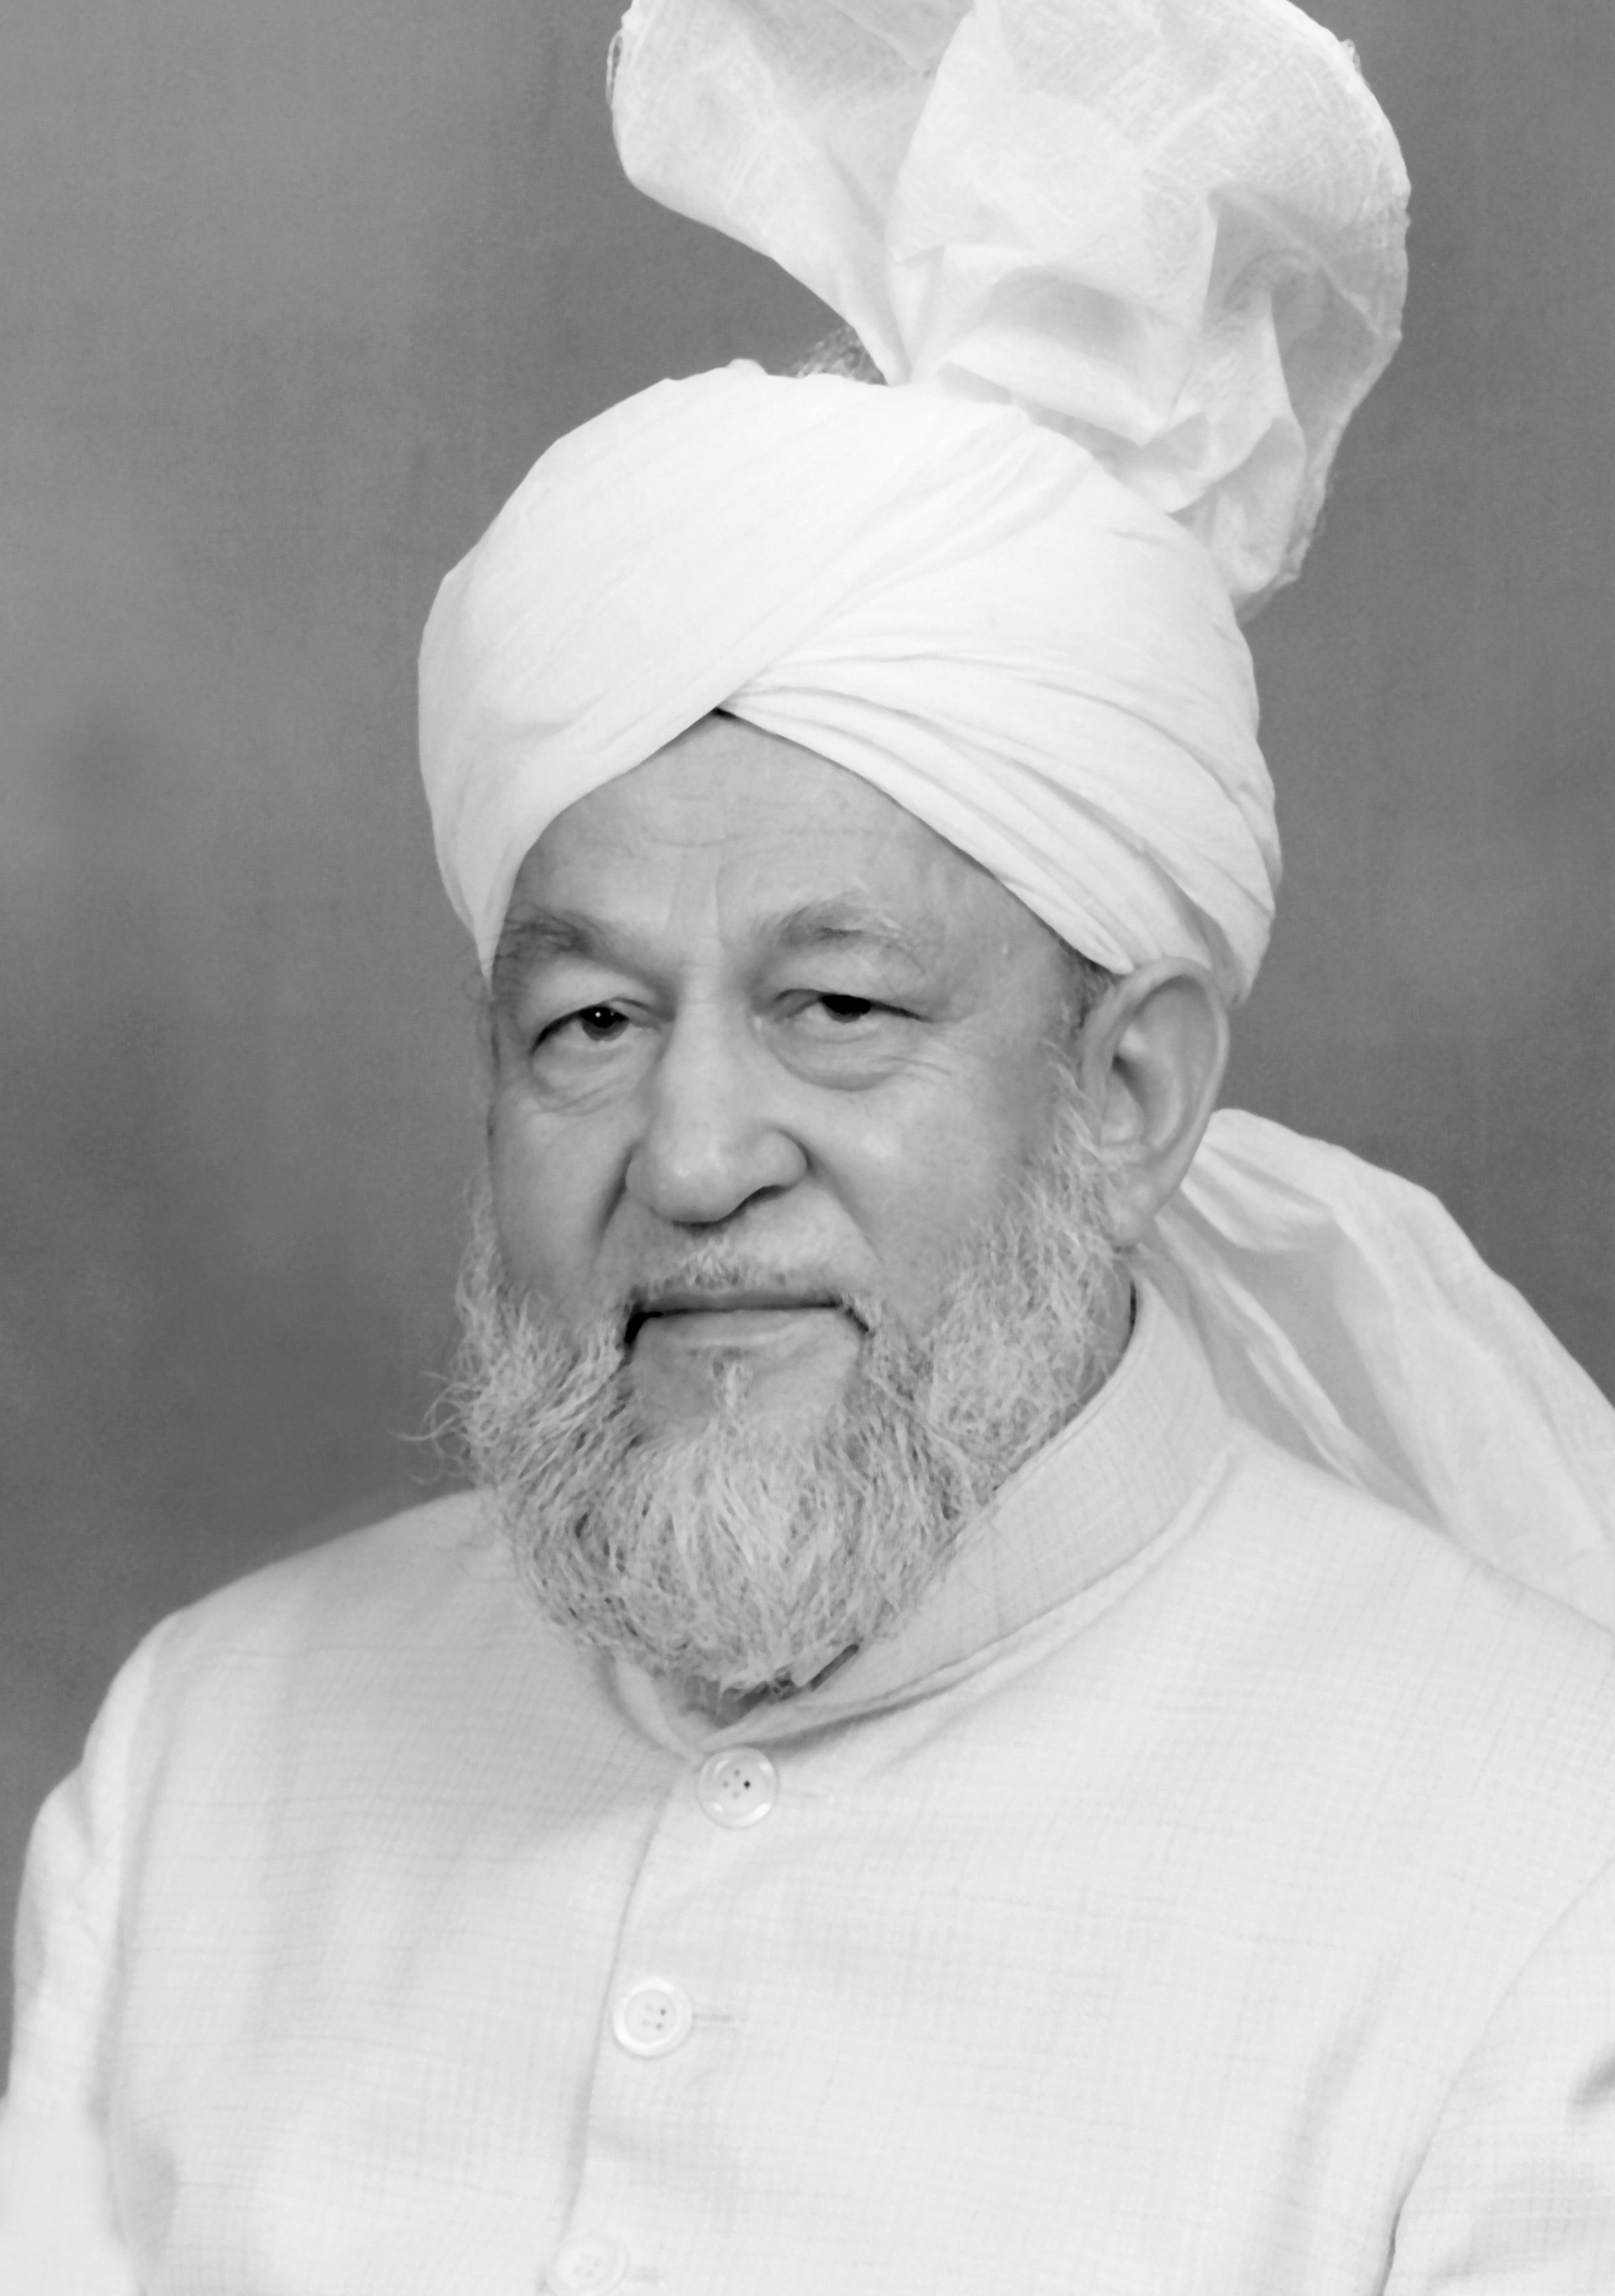 Hazreti Mirza Tahir Ahmad